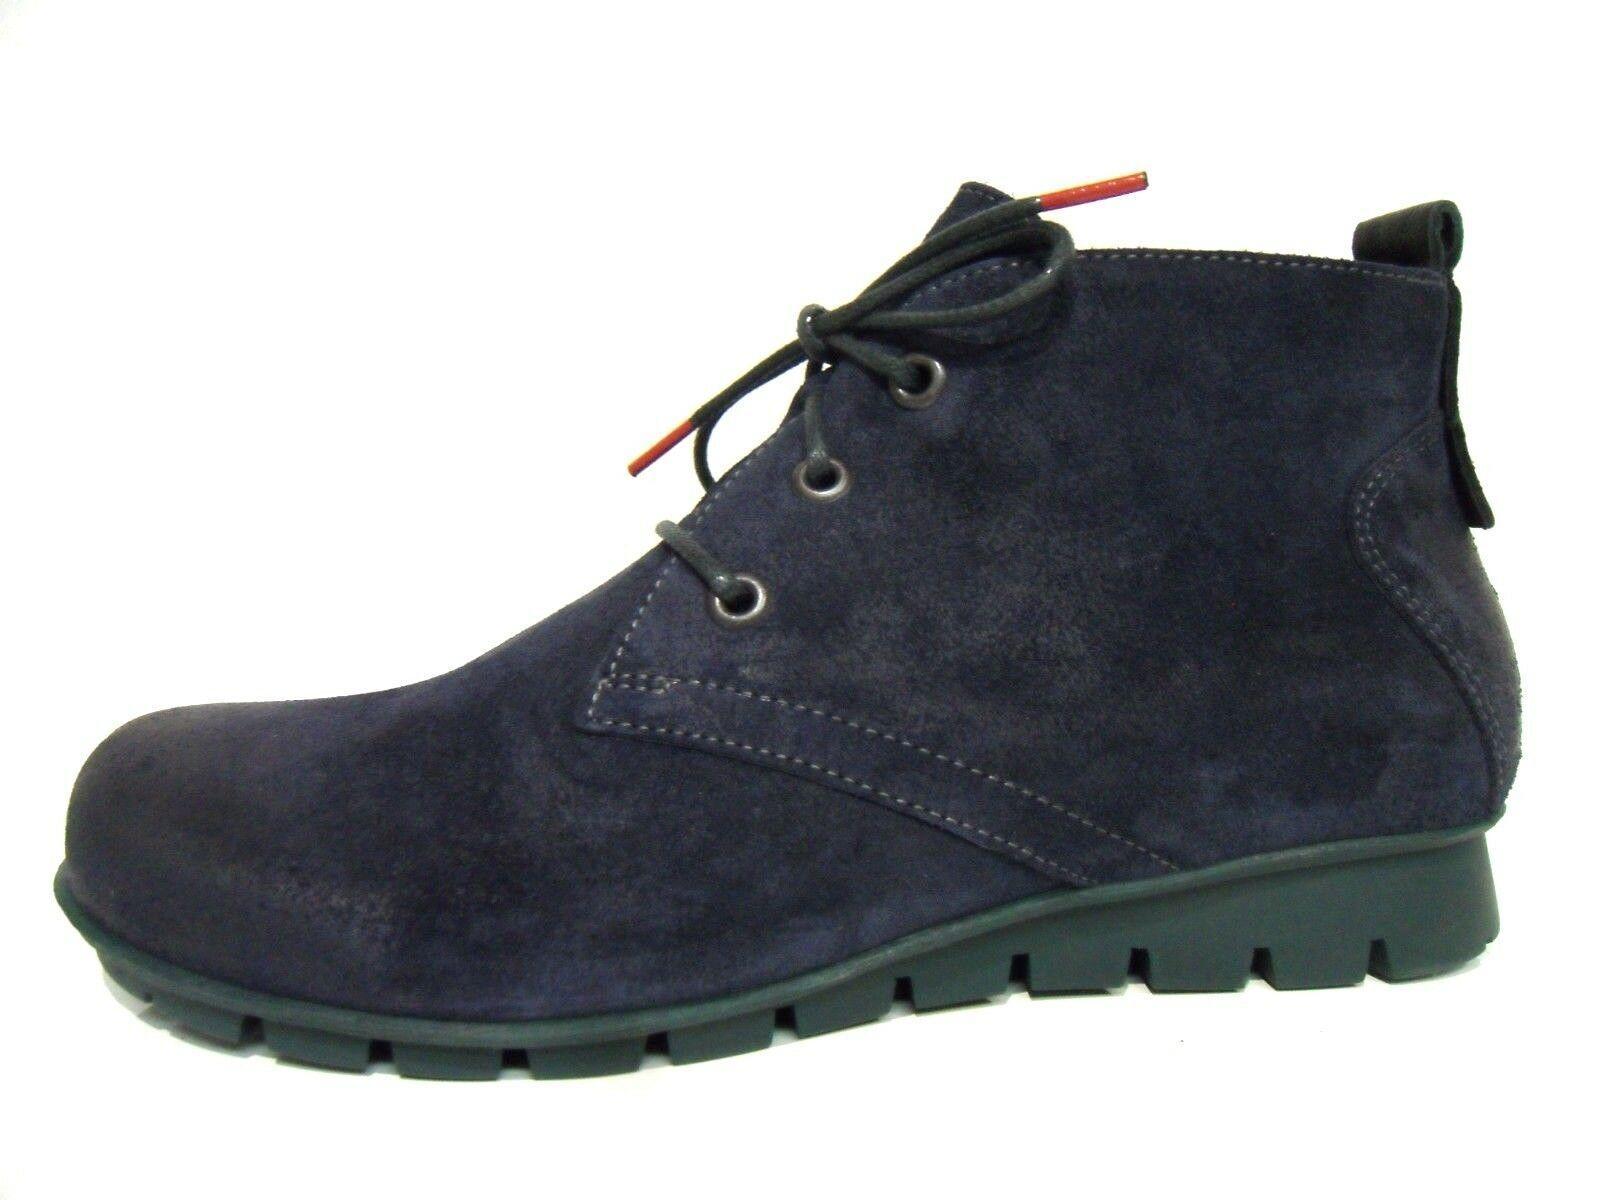 Think Schuhe Stiefel Knöchelschuhe Stiefel Menscha blau grün Leder Einlagen